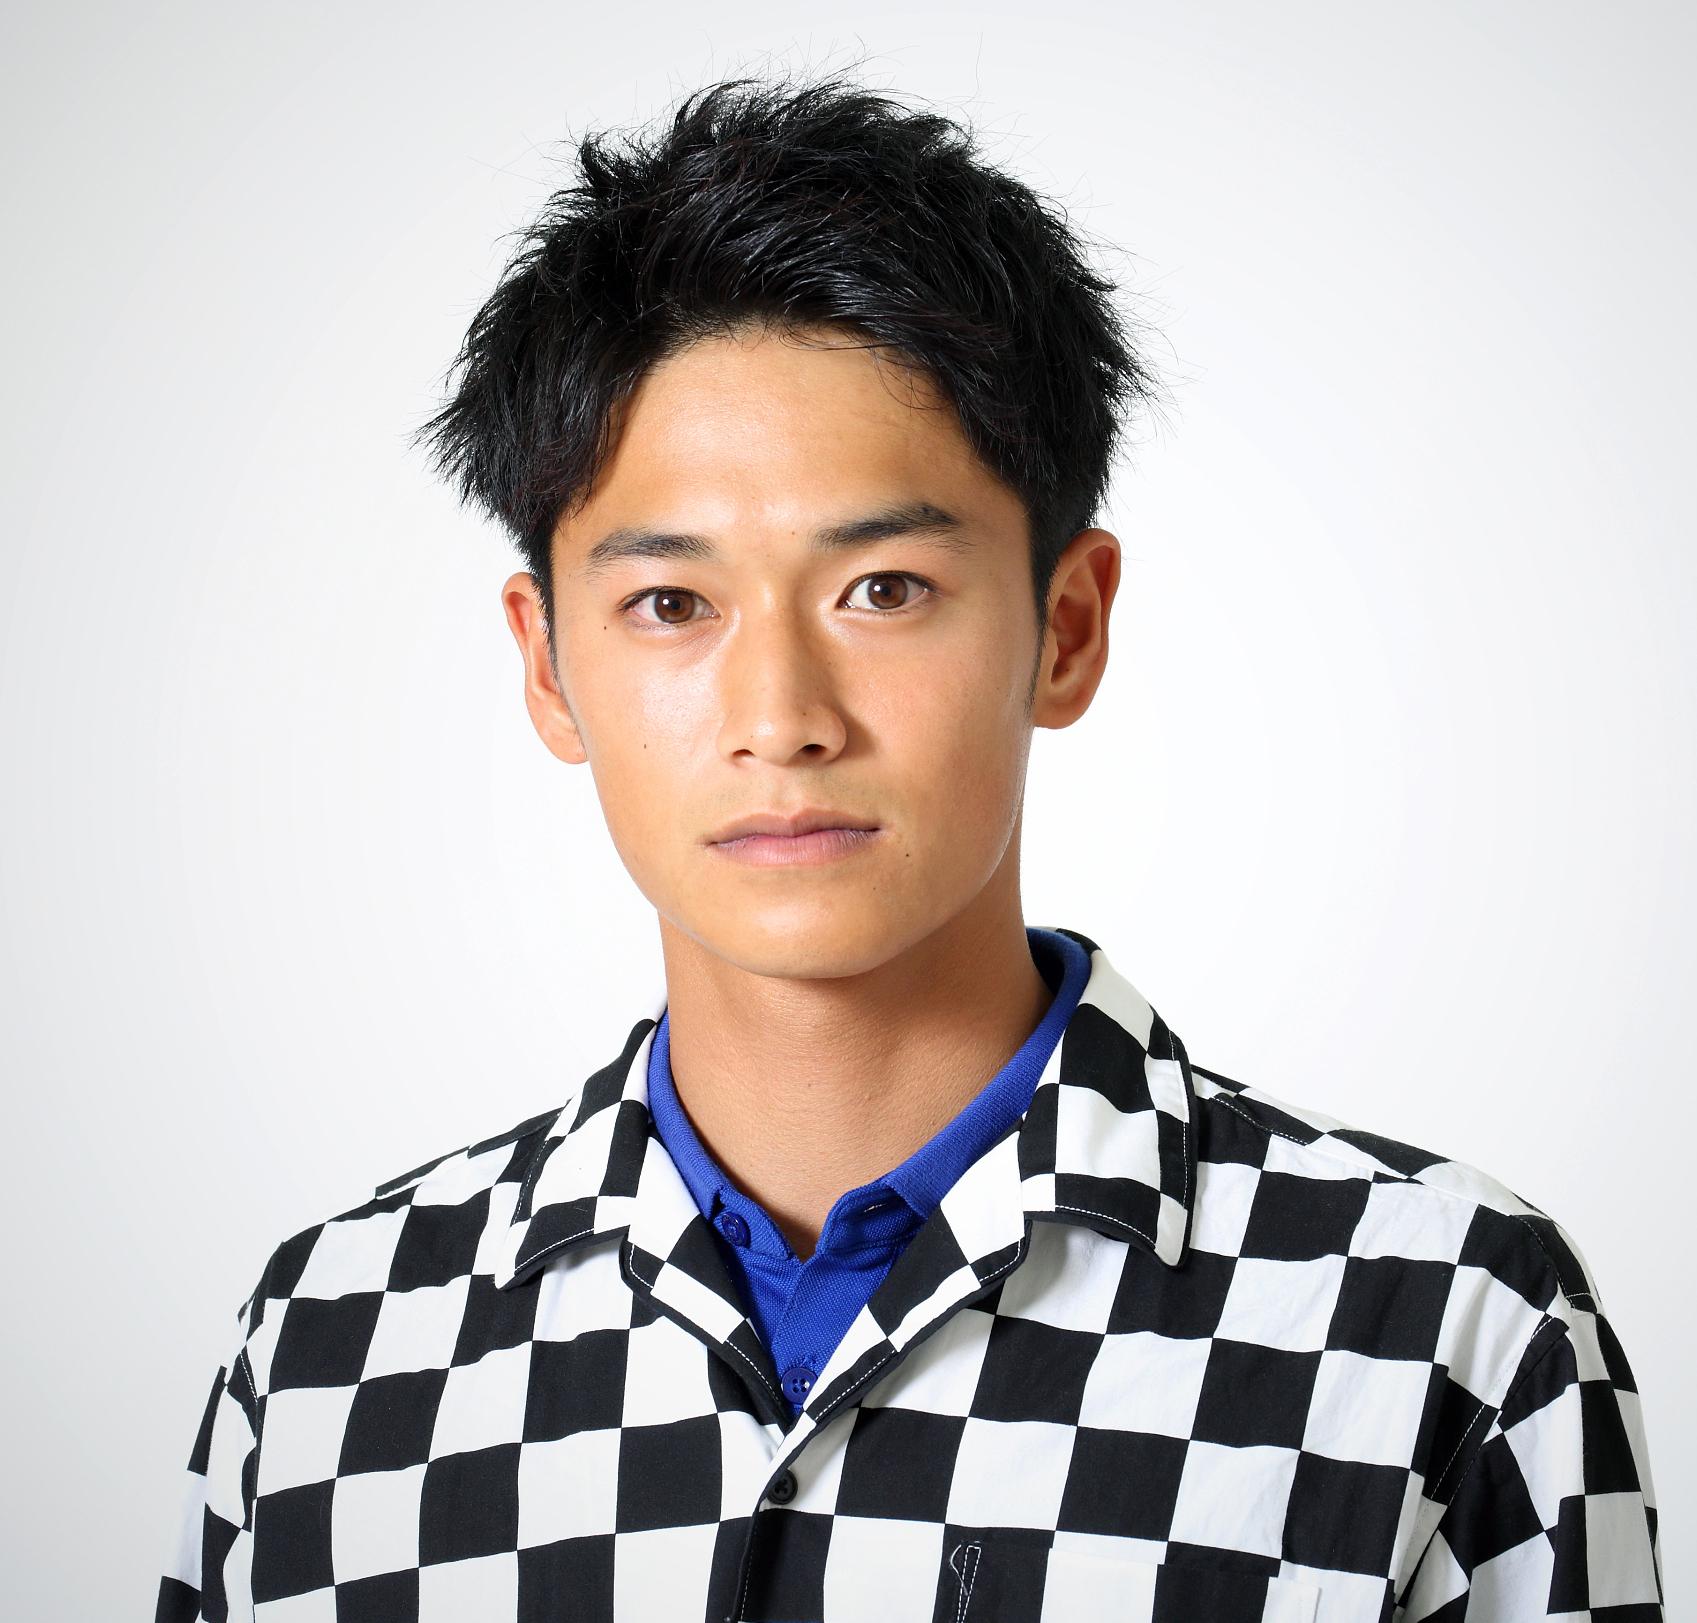 WEG×SJコラボオーディション結果発表!<br />初代SJ WEBモデル、グランプリは19歳・井上瑞樹くんに決定!!